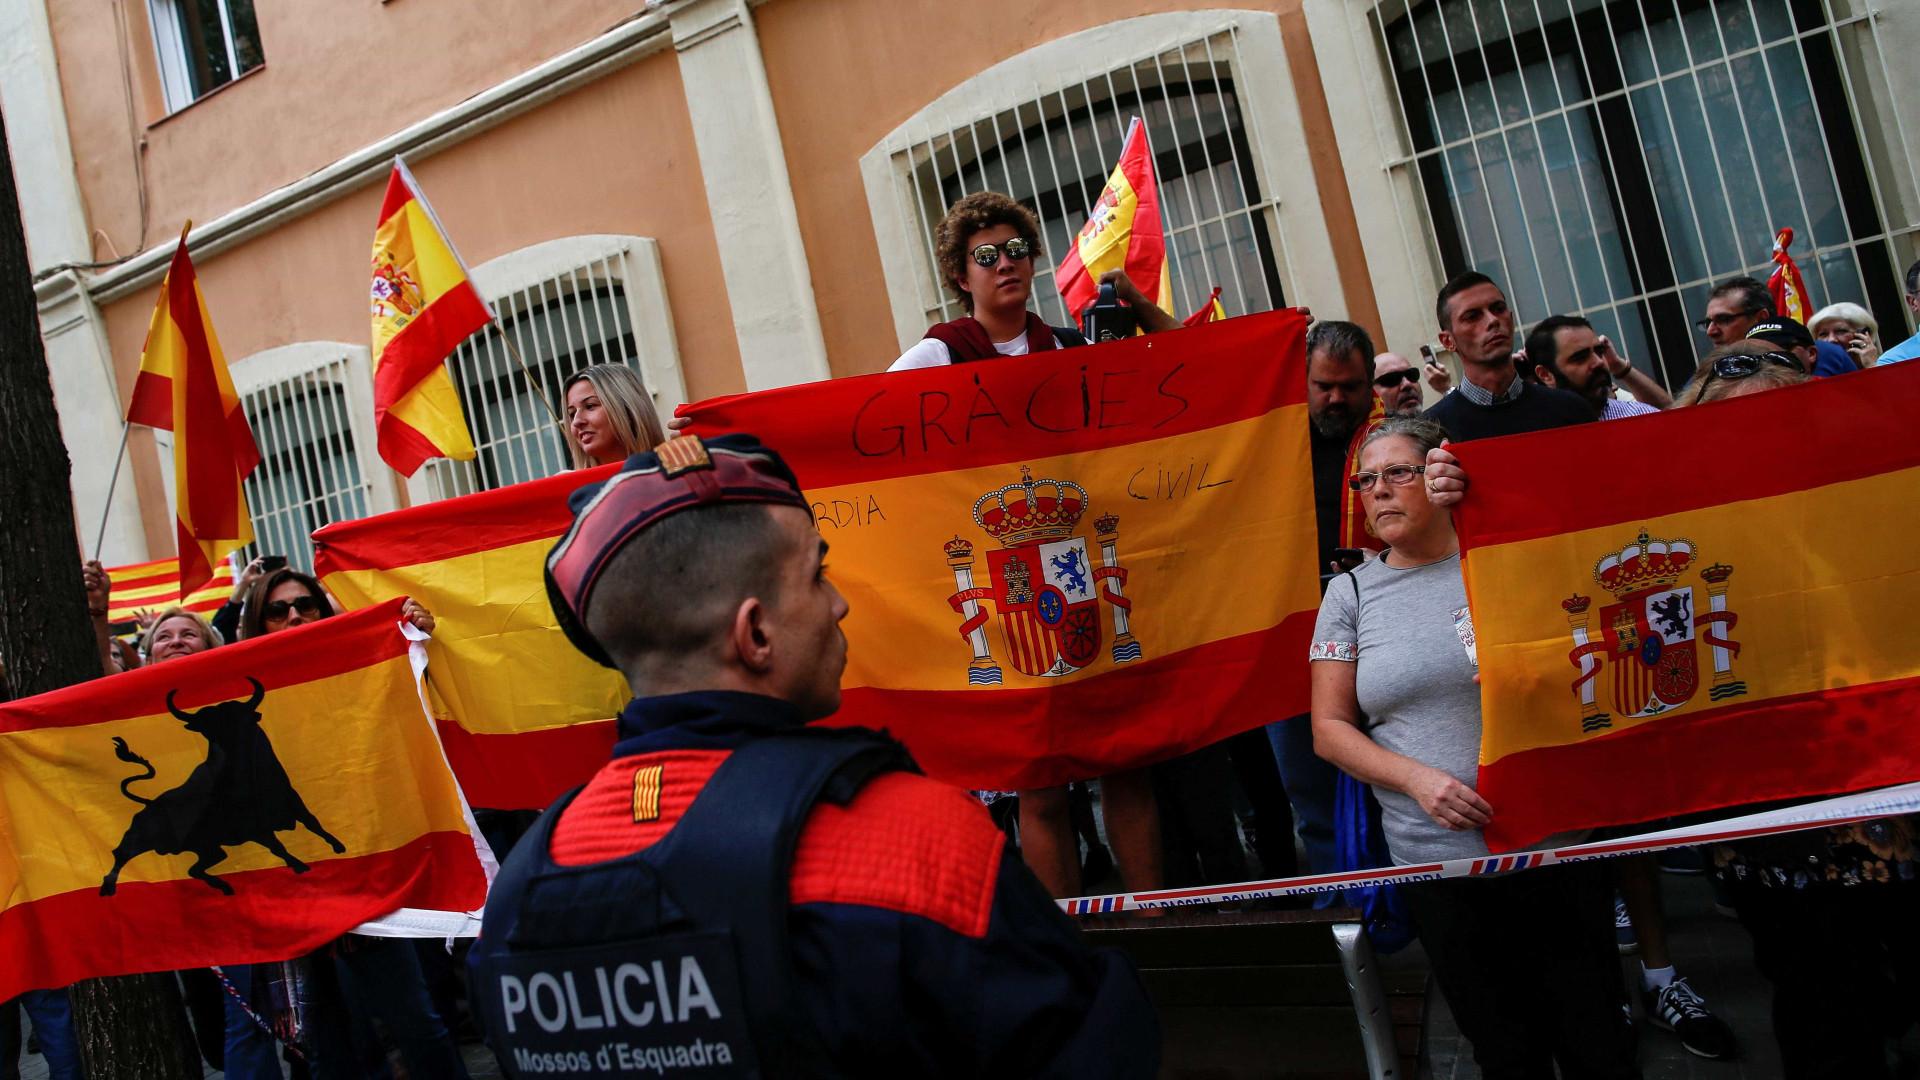 Cerca de 20 mil pessoas em protesto contra a Guardia Civil em Barcelona